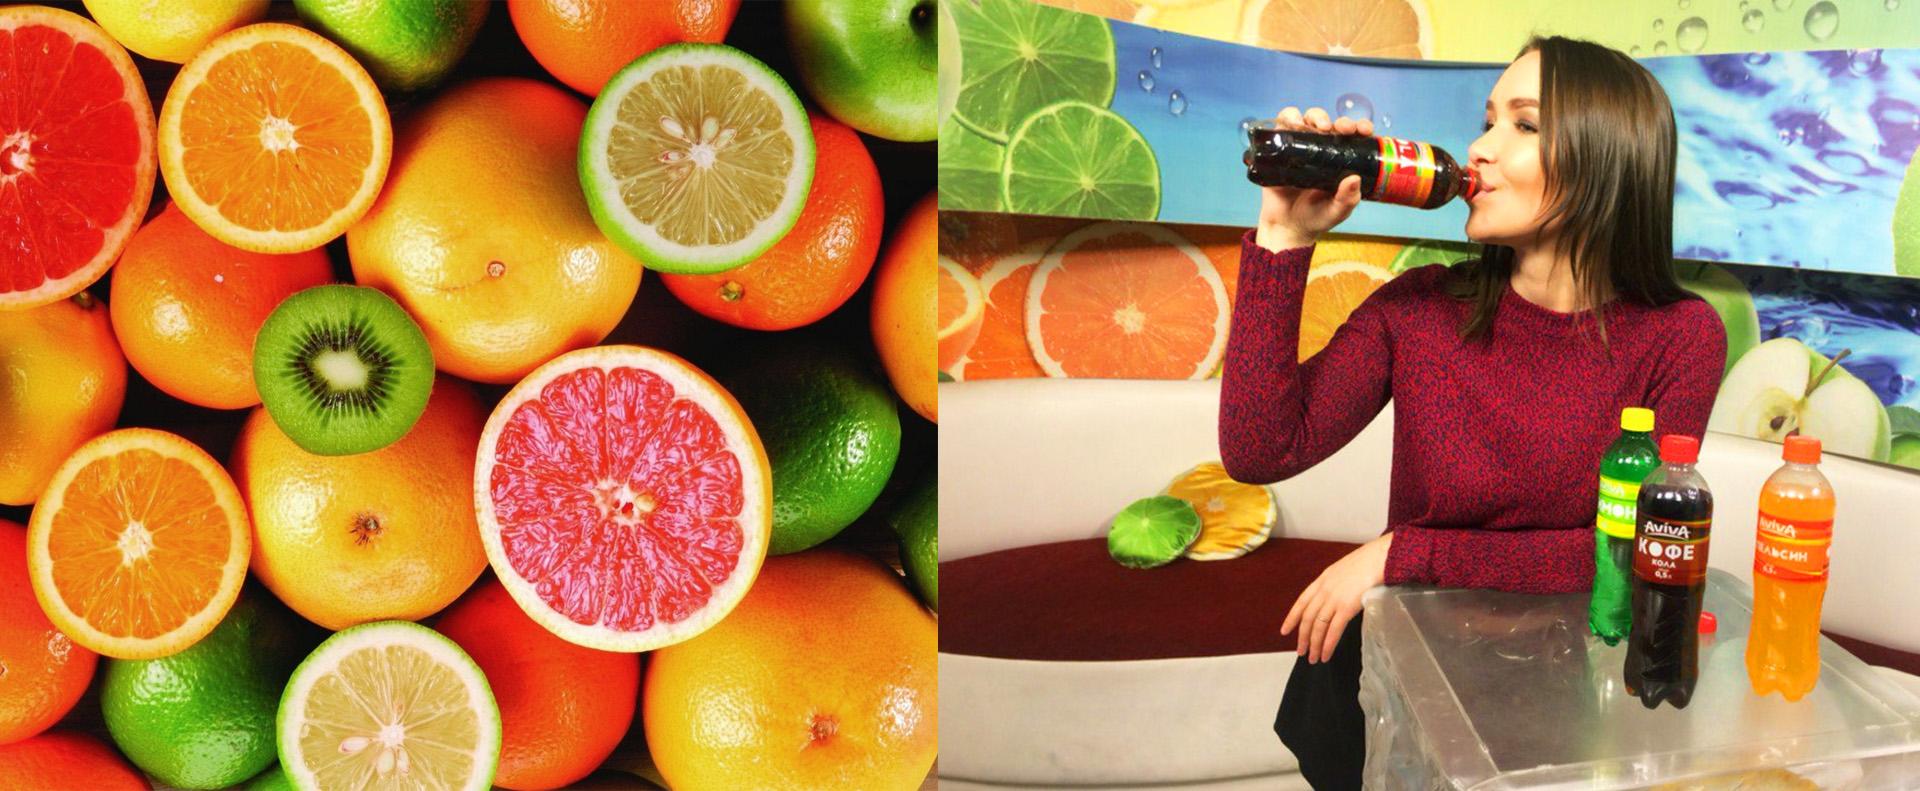 Soda label design, дизайн этикетки лимонада